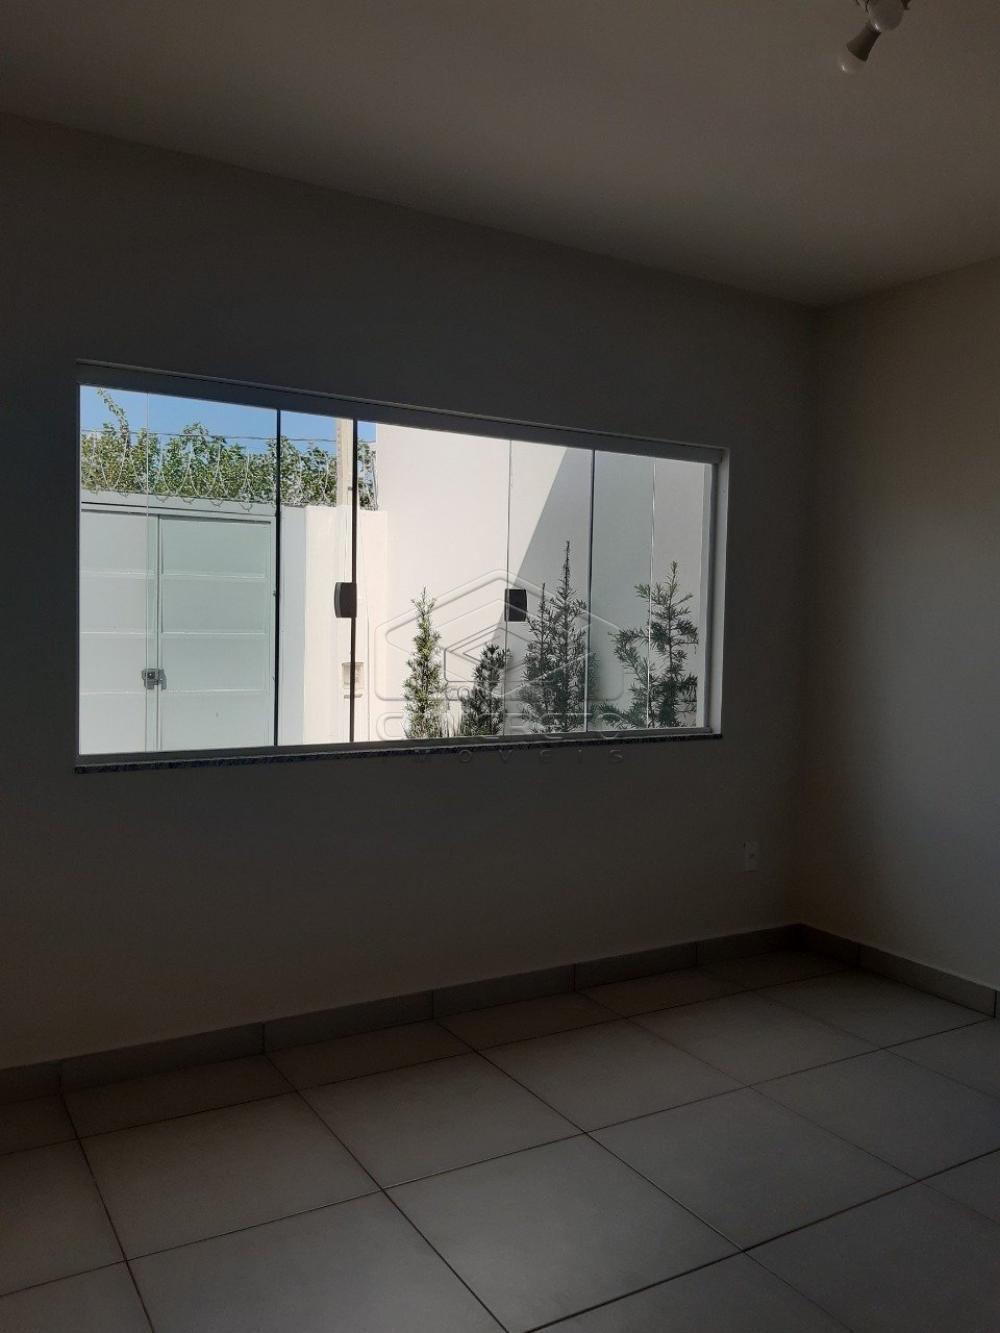 Comprar Casa / Padrão em Bauru apenas R$ 199.000,00 - Foto 3